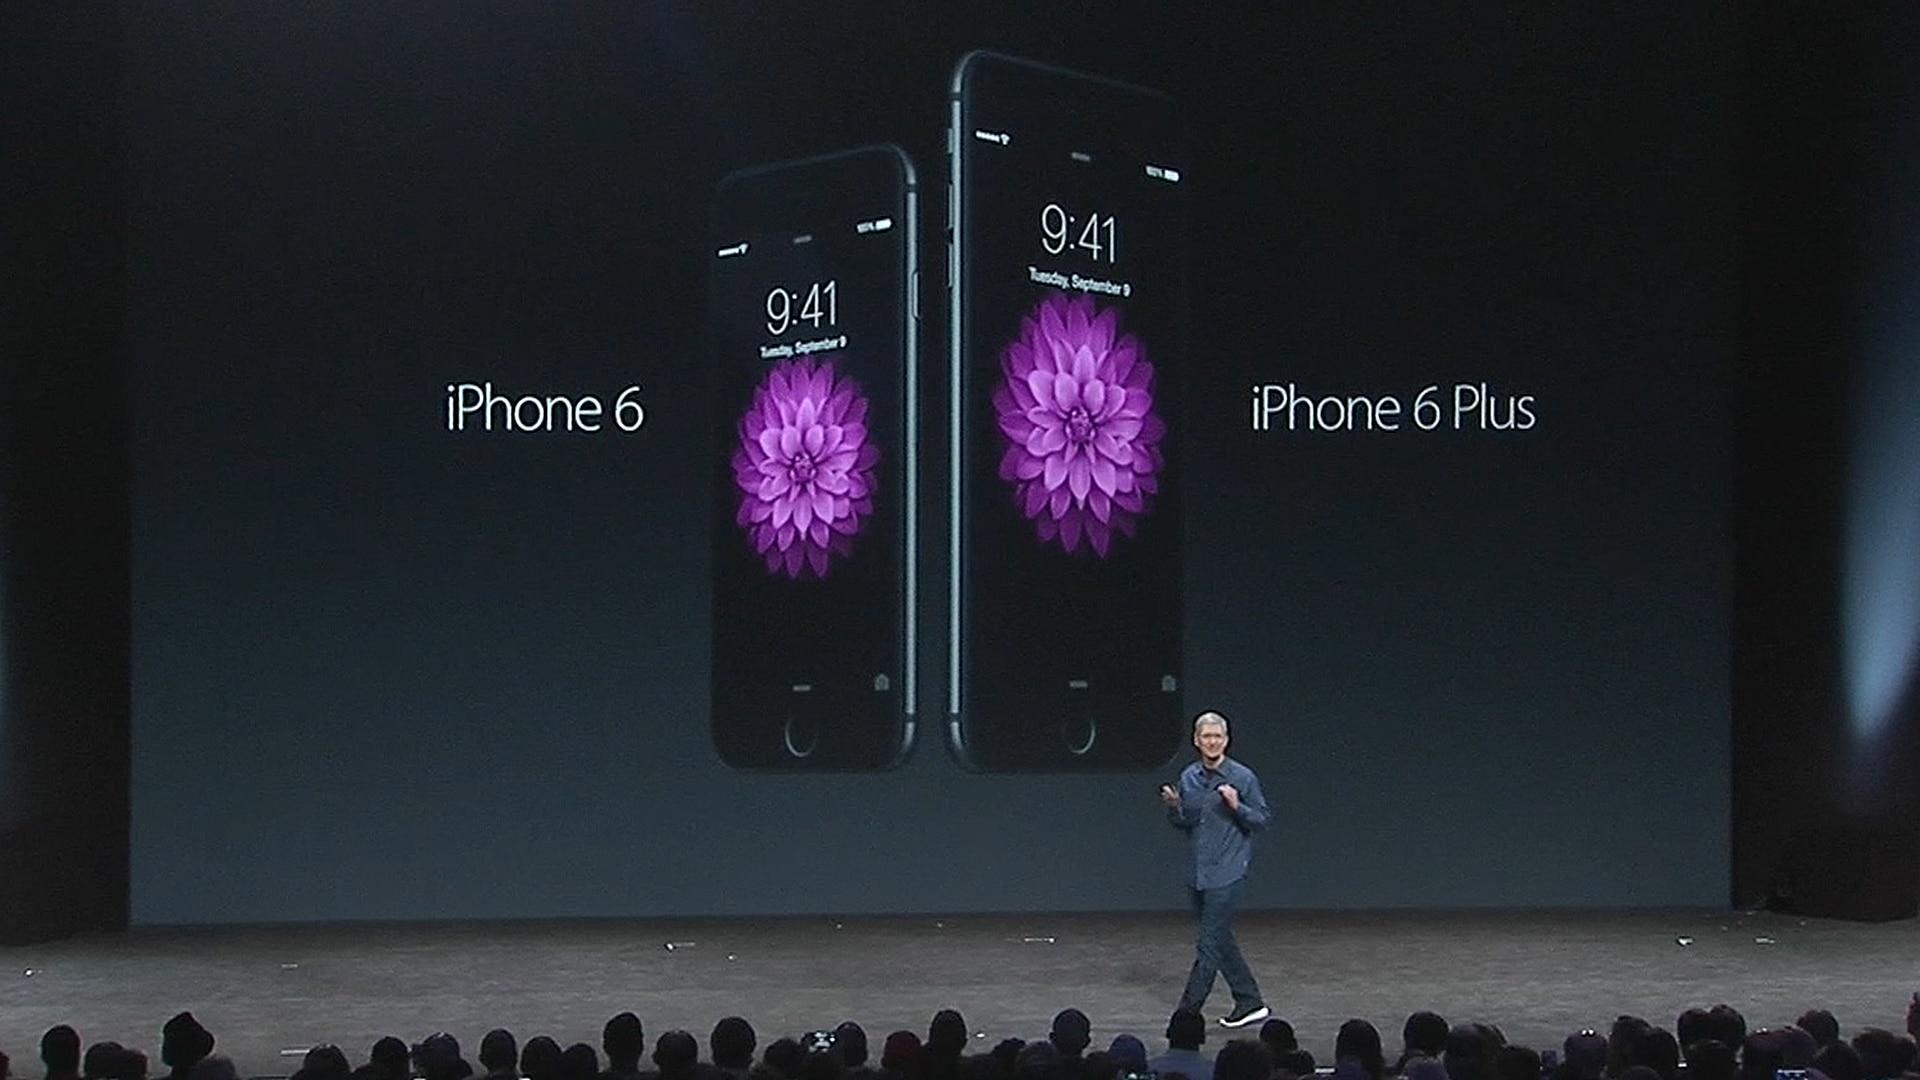 Apple consiguió importantes ganancias gracias a las ventas del iPhone 6 y iPhone 6 Plus.